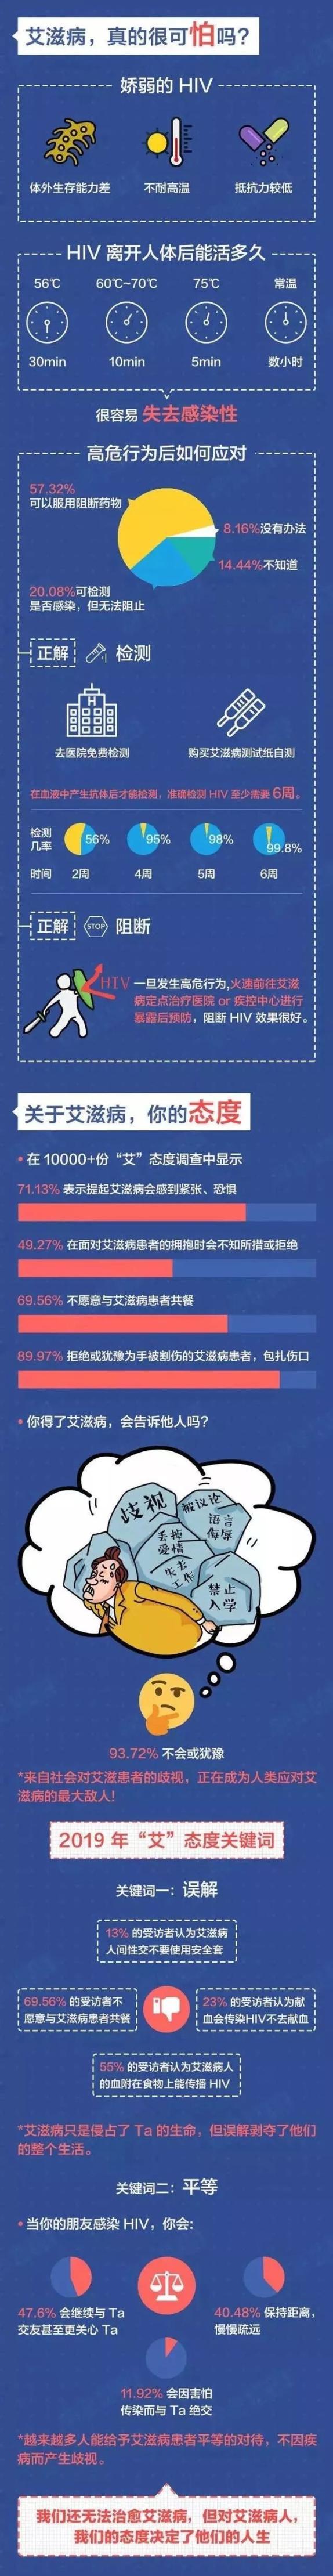 红包答题丨你有红包未领,艾滋病防治知识有奖问答第二期来啦